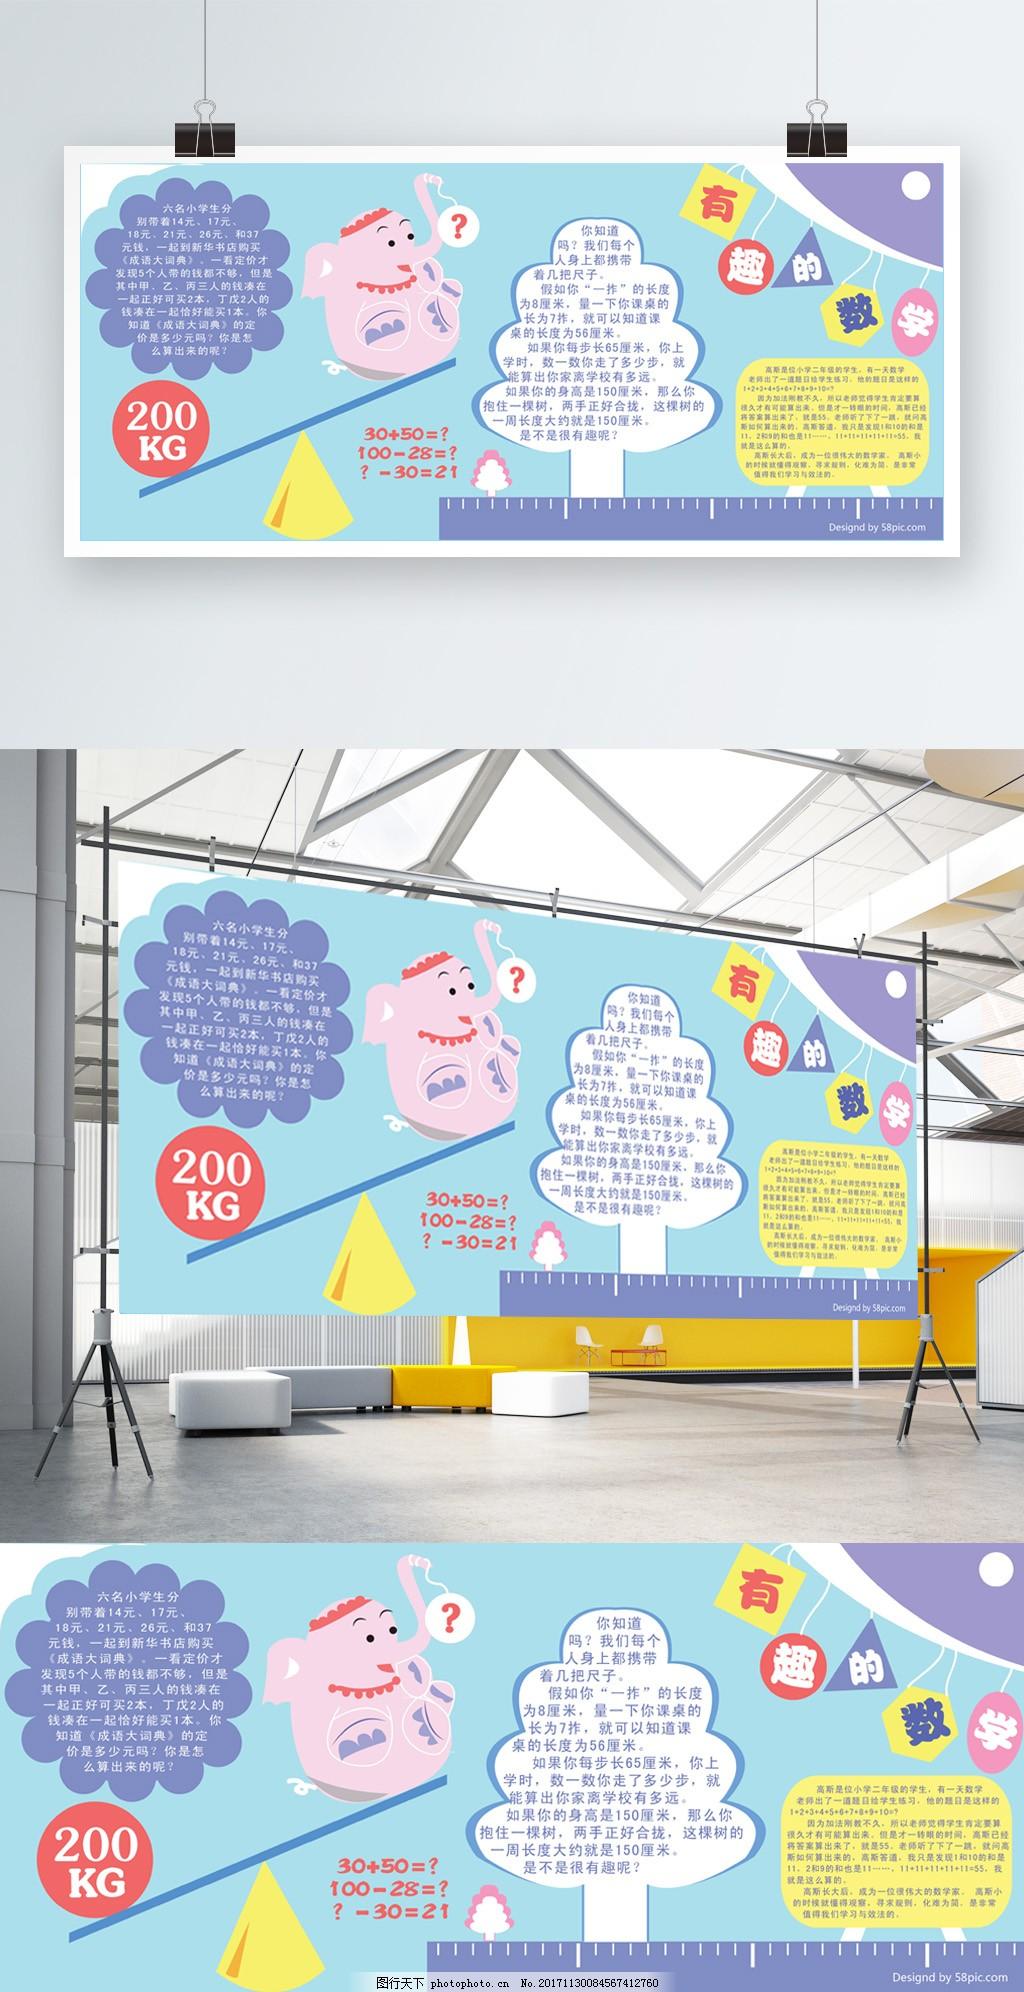 原创手绘插画学校展板展架趣味数学小报蓝色